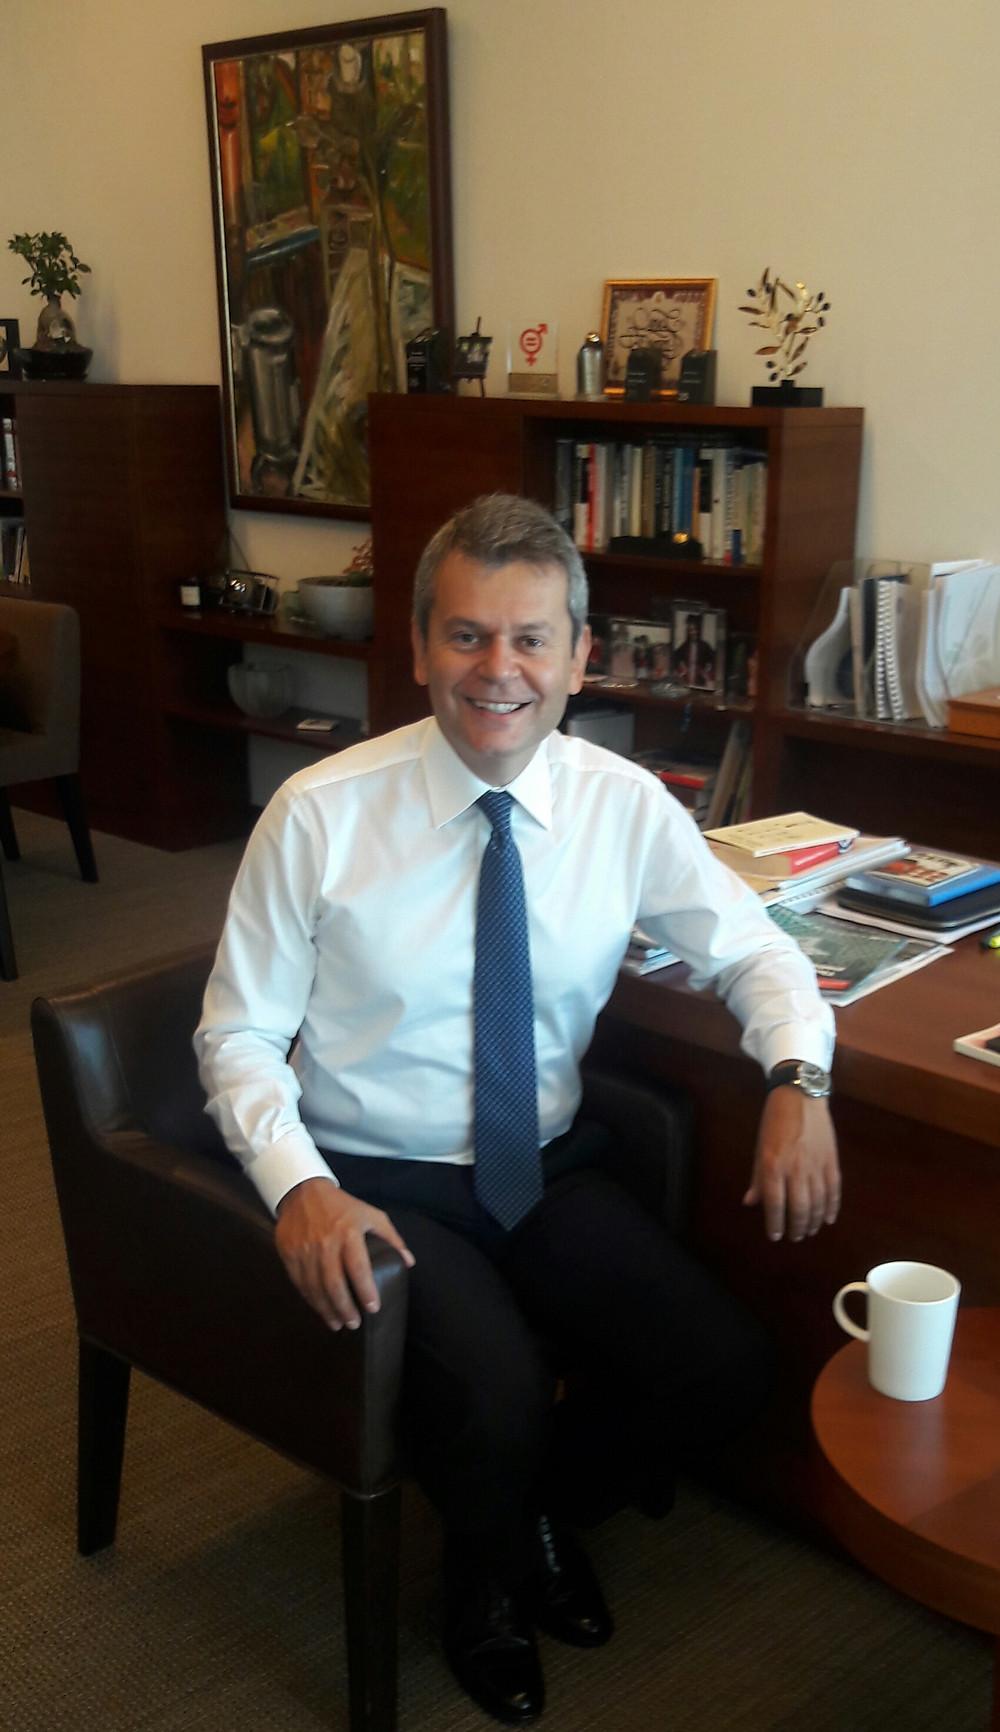 Garanti Bankası Genel Müdür Yardımcısı Cemal Onaran